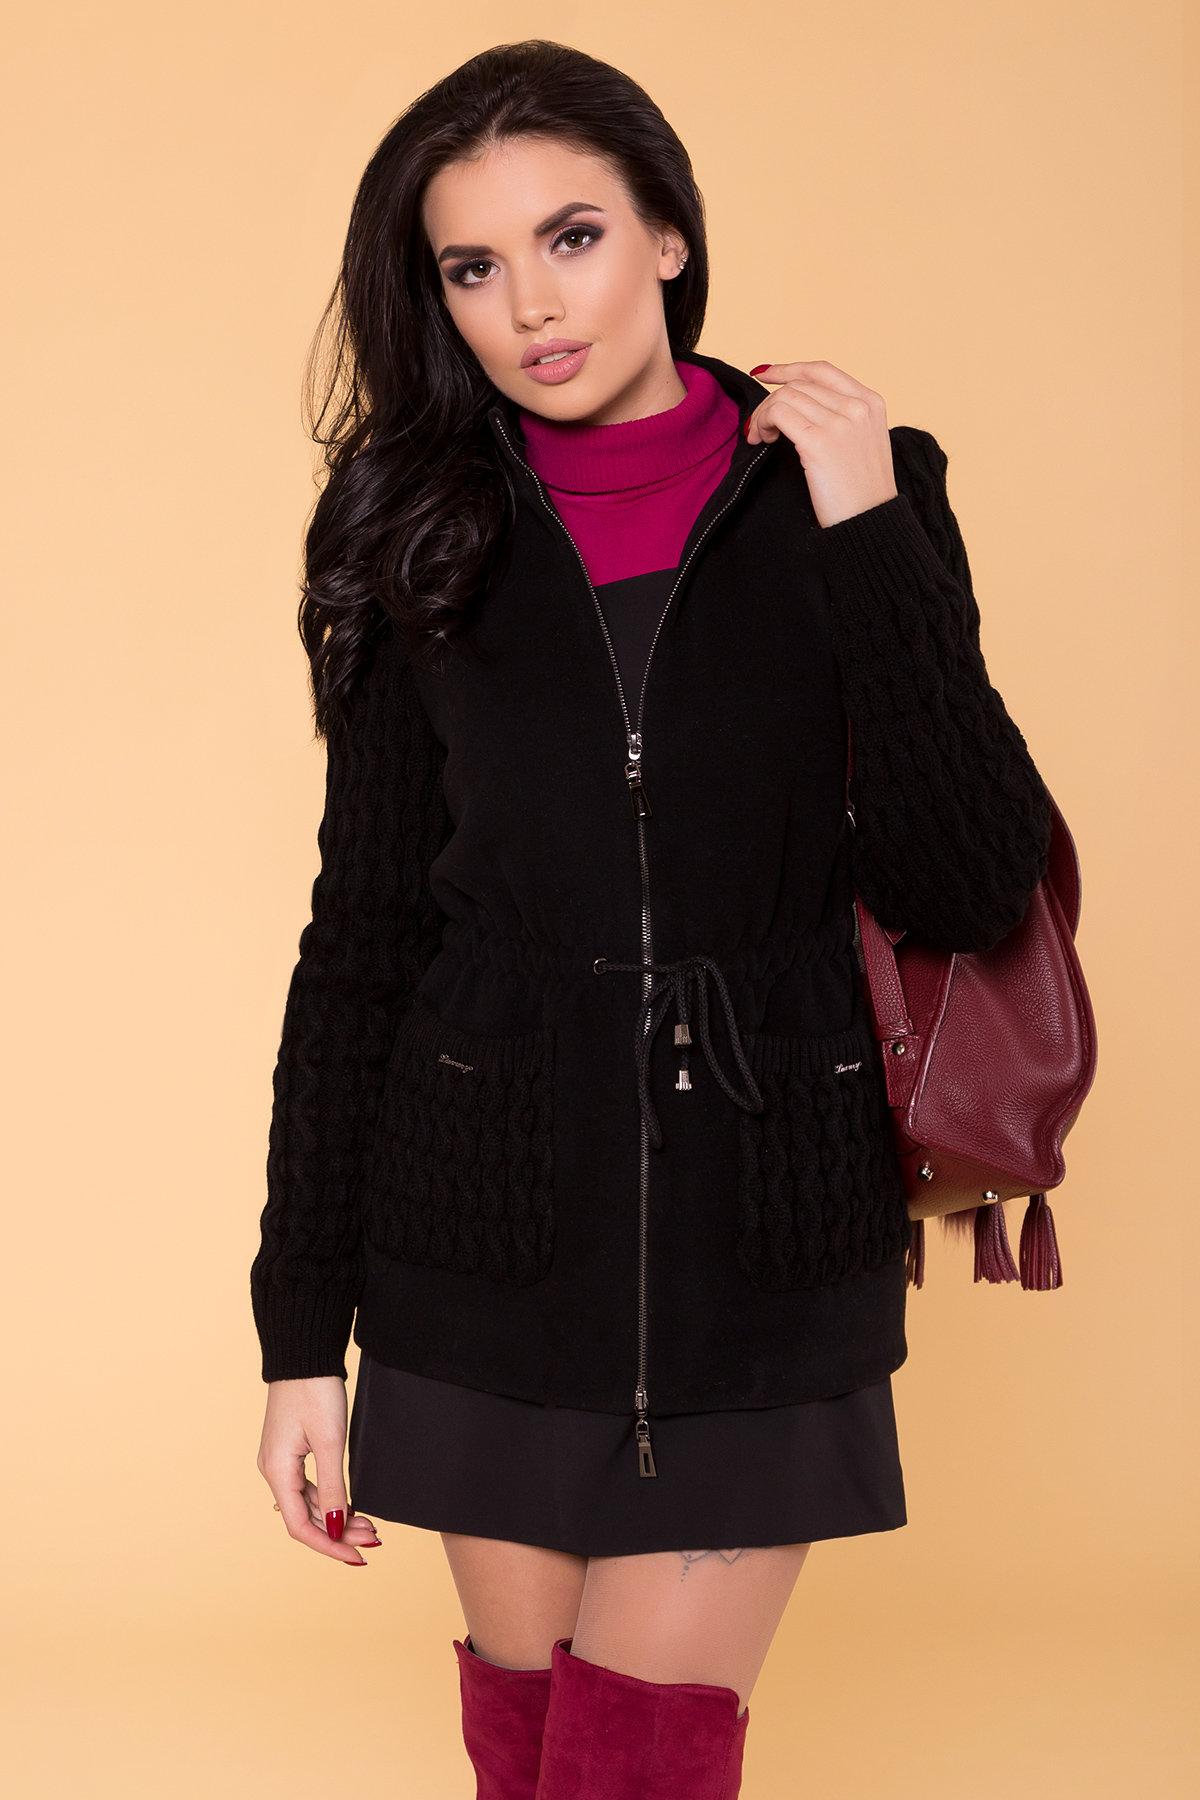 Пальто Старк 1548  АРТ. 9278 Цвет: Черный - фото 4, интернет магазин tm-modus.ru